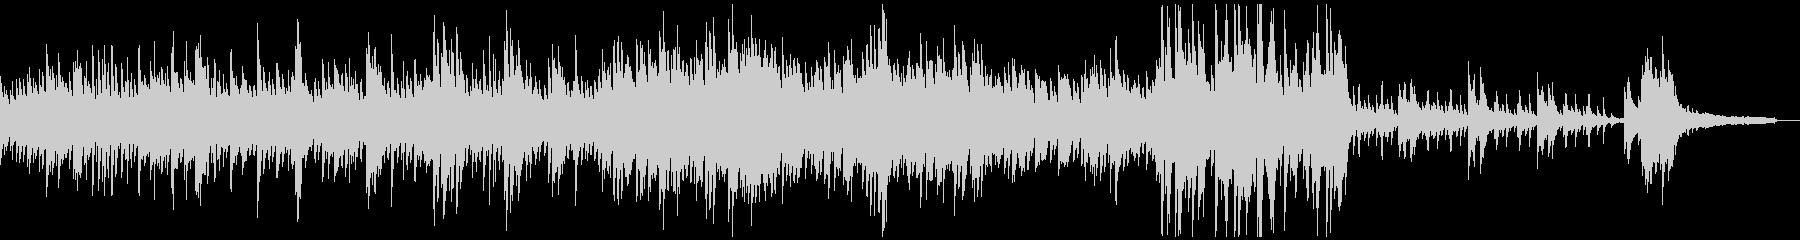 キラキラしたフレッシュなピアノソロの未再生の波形